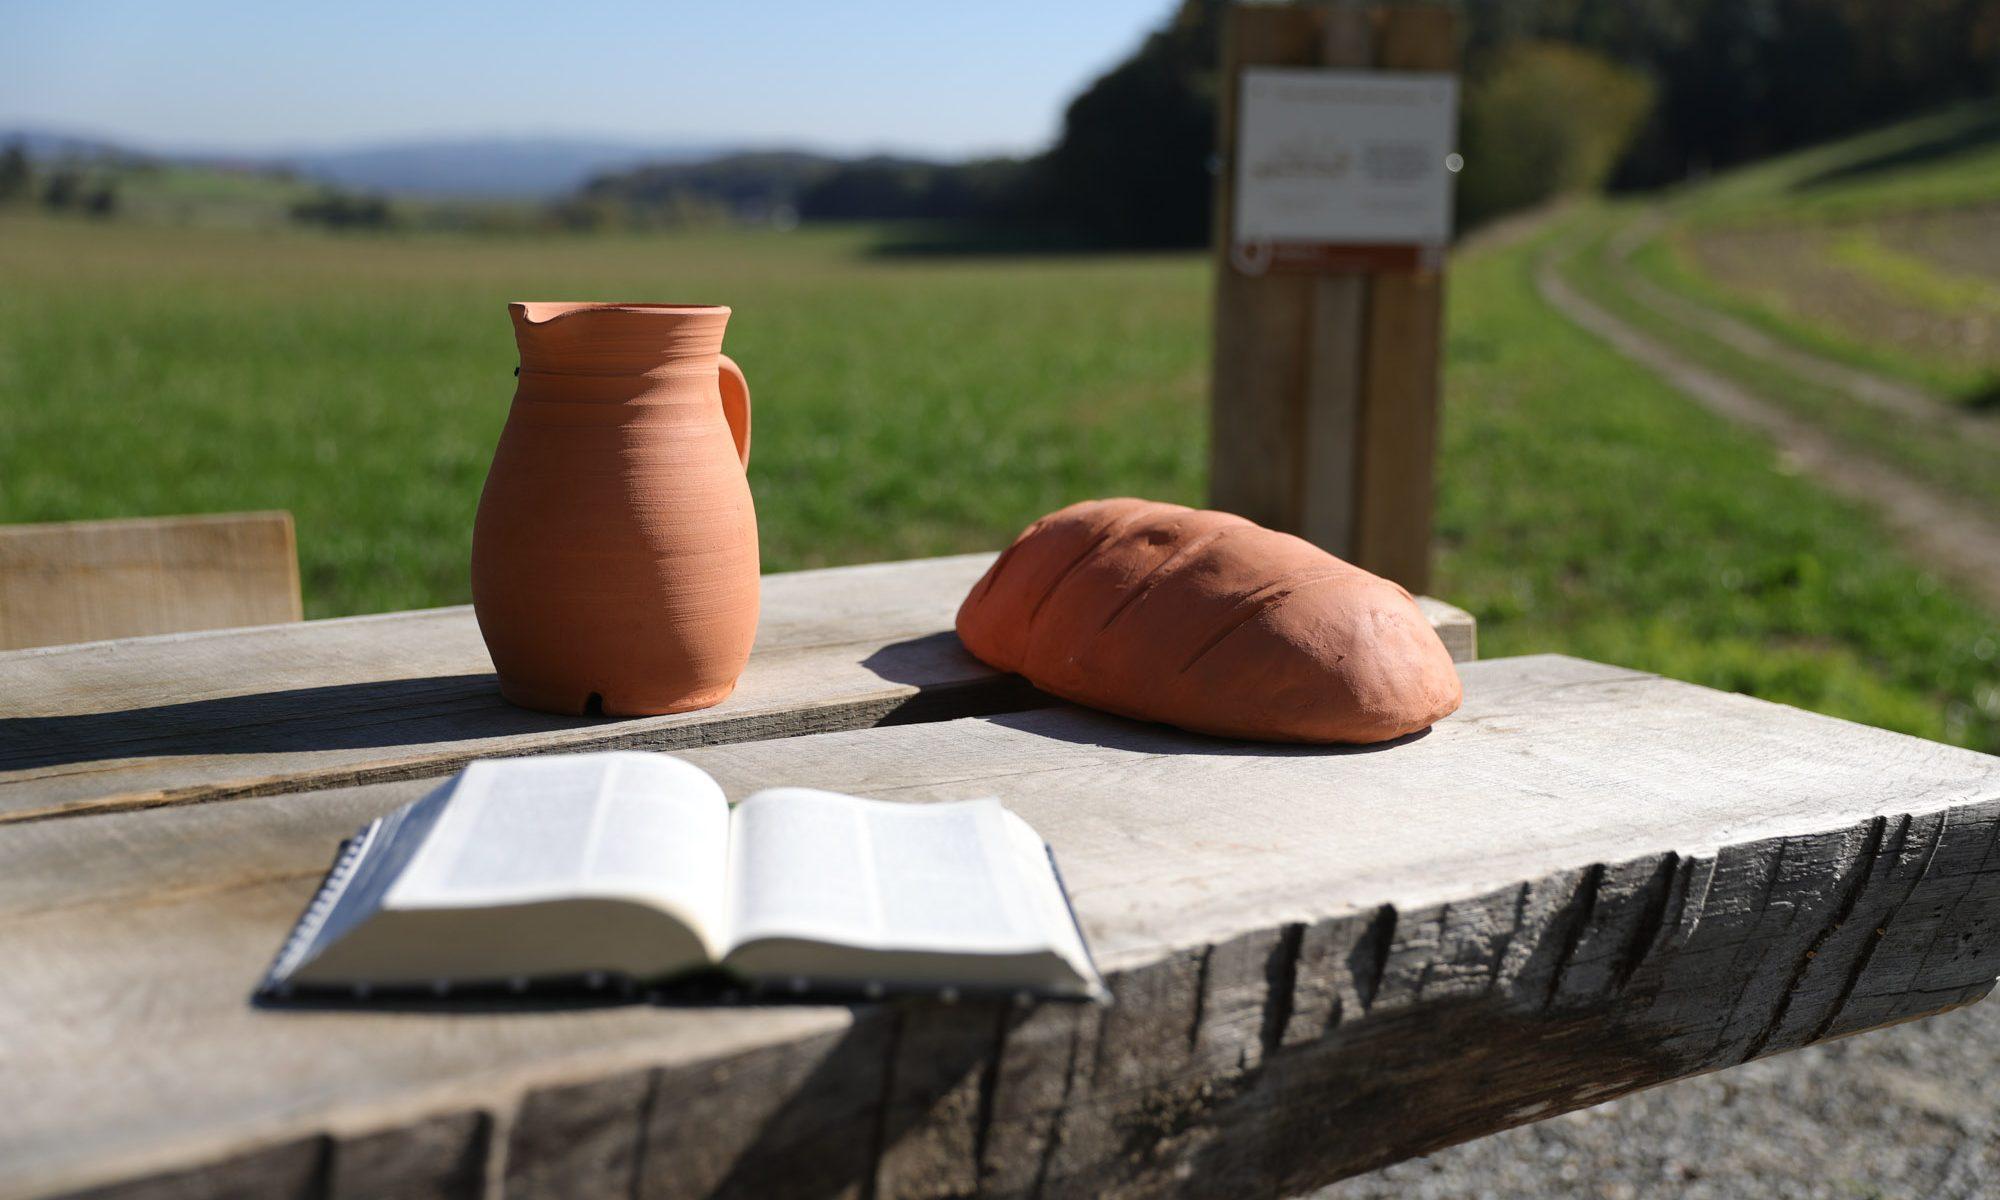 Ein gedeckter Tisch mit Wasser und Brot und einer aufgeschlagenen Bibel an der Station 3 des Vaterunser-Erlebnisweges.